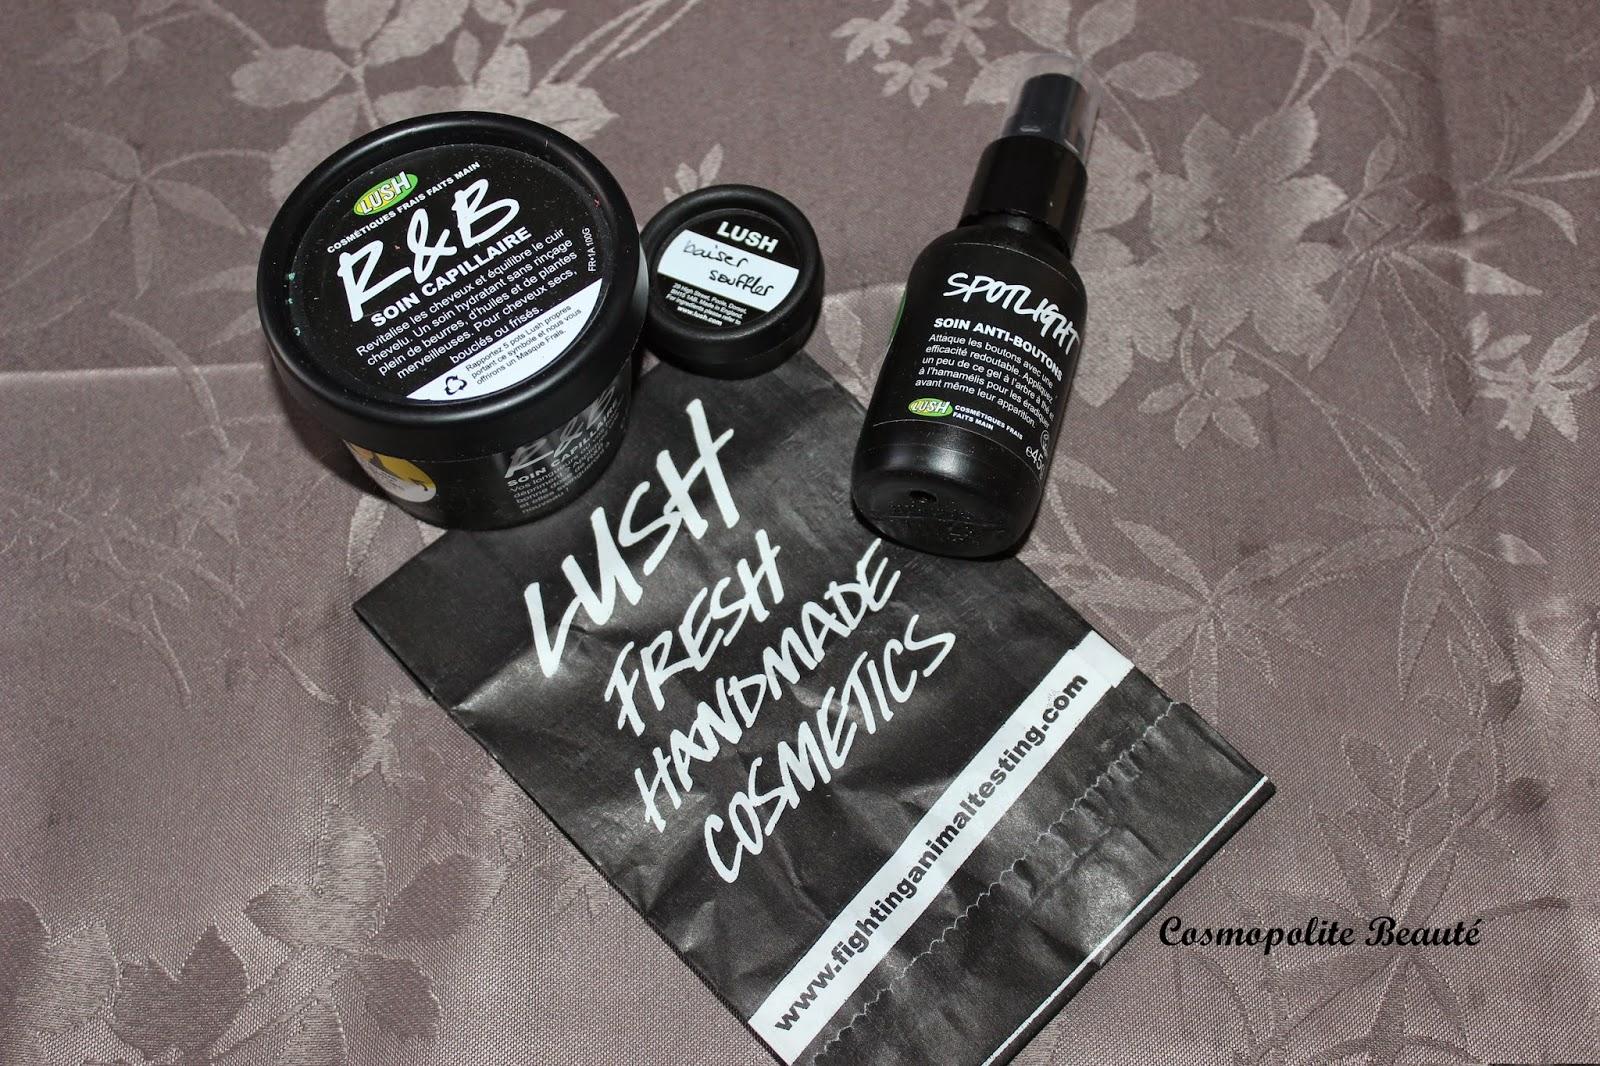 Lush, soin capillaire, R&B, blog beauté, beautyblog, frenchblogger, soin sans rinçage, crème capillaire, entretien cheveux.